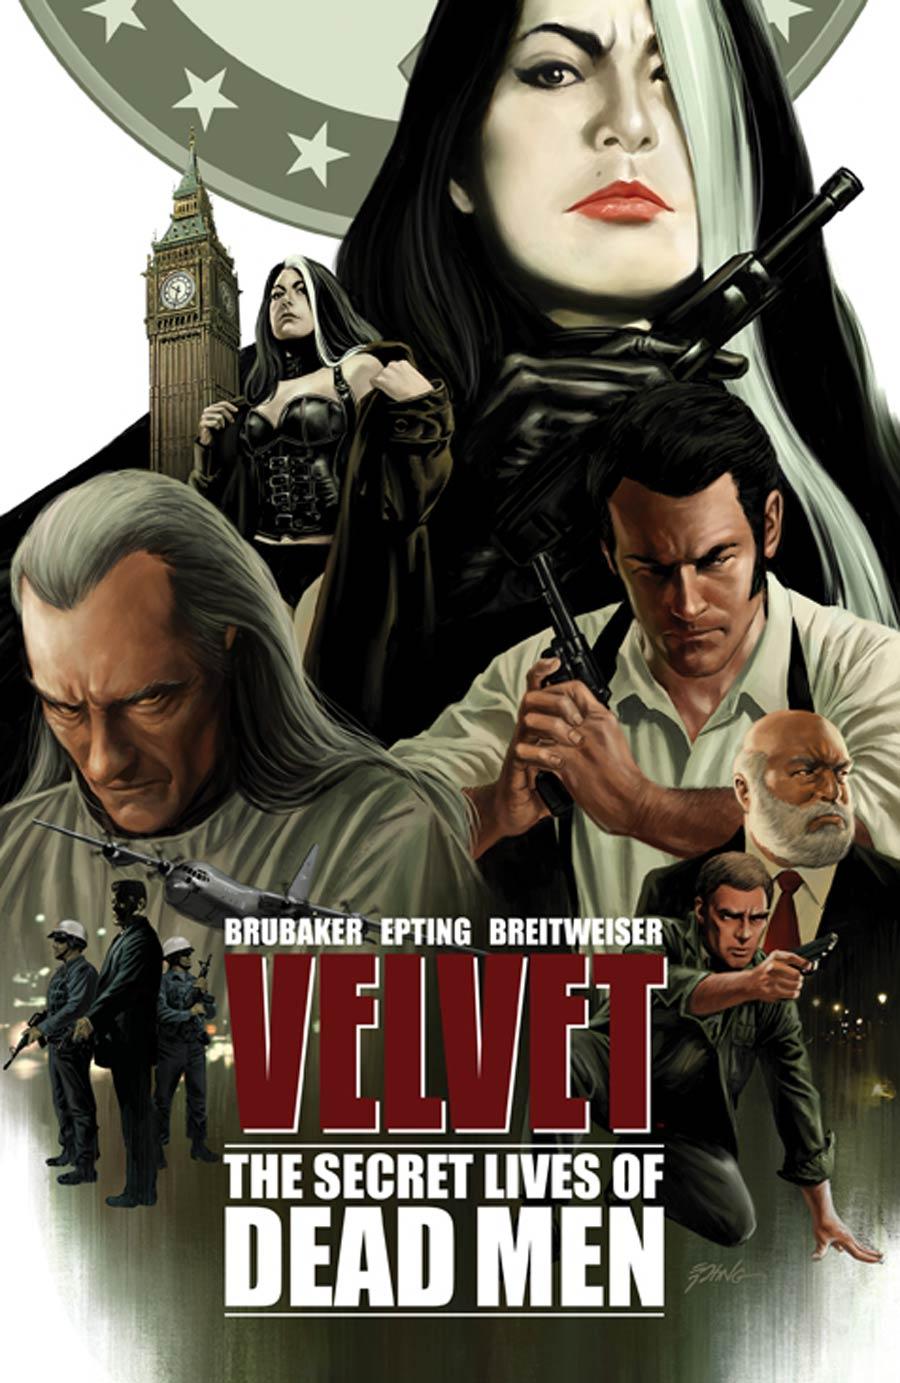 Velvet Vol 2 The Secret Lives Of Dead Men TP